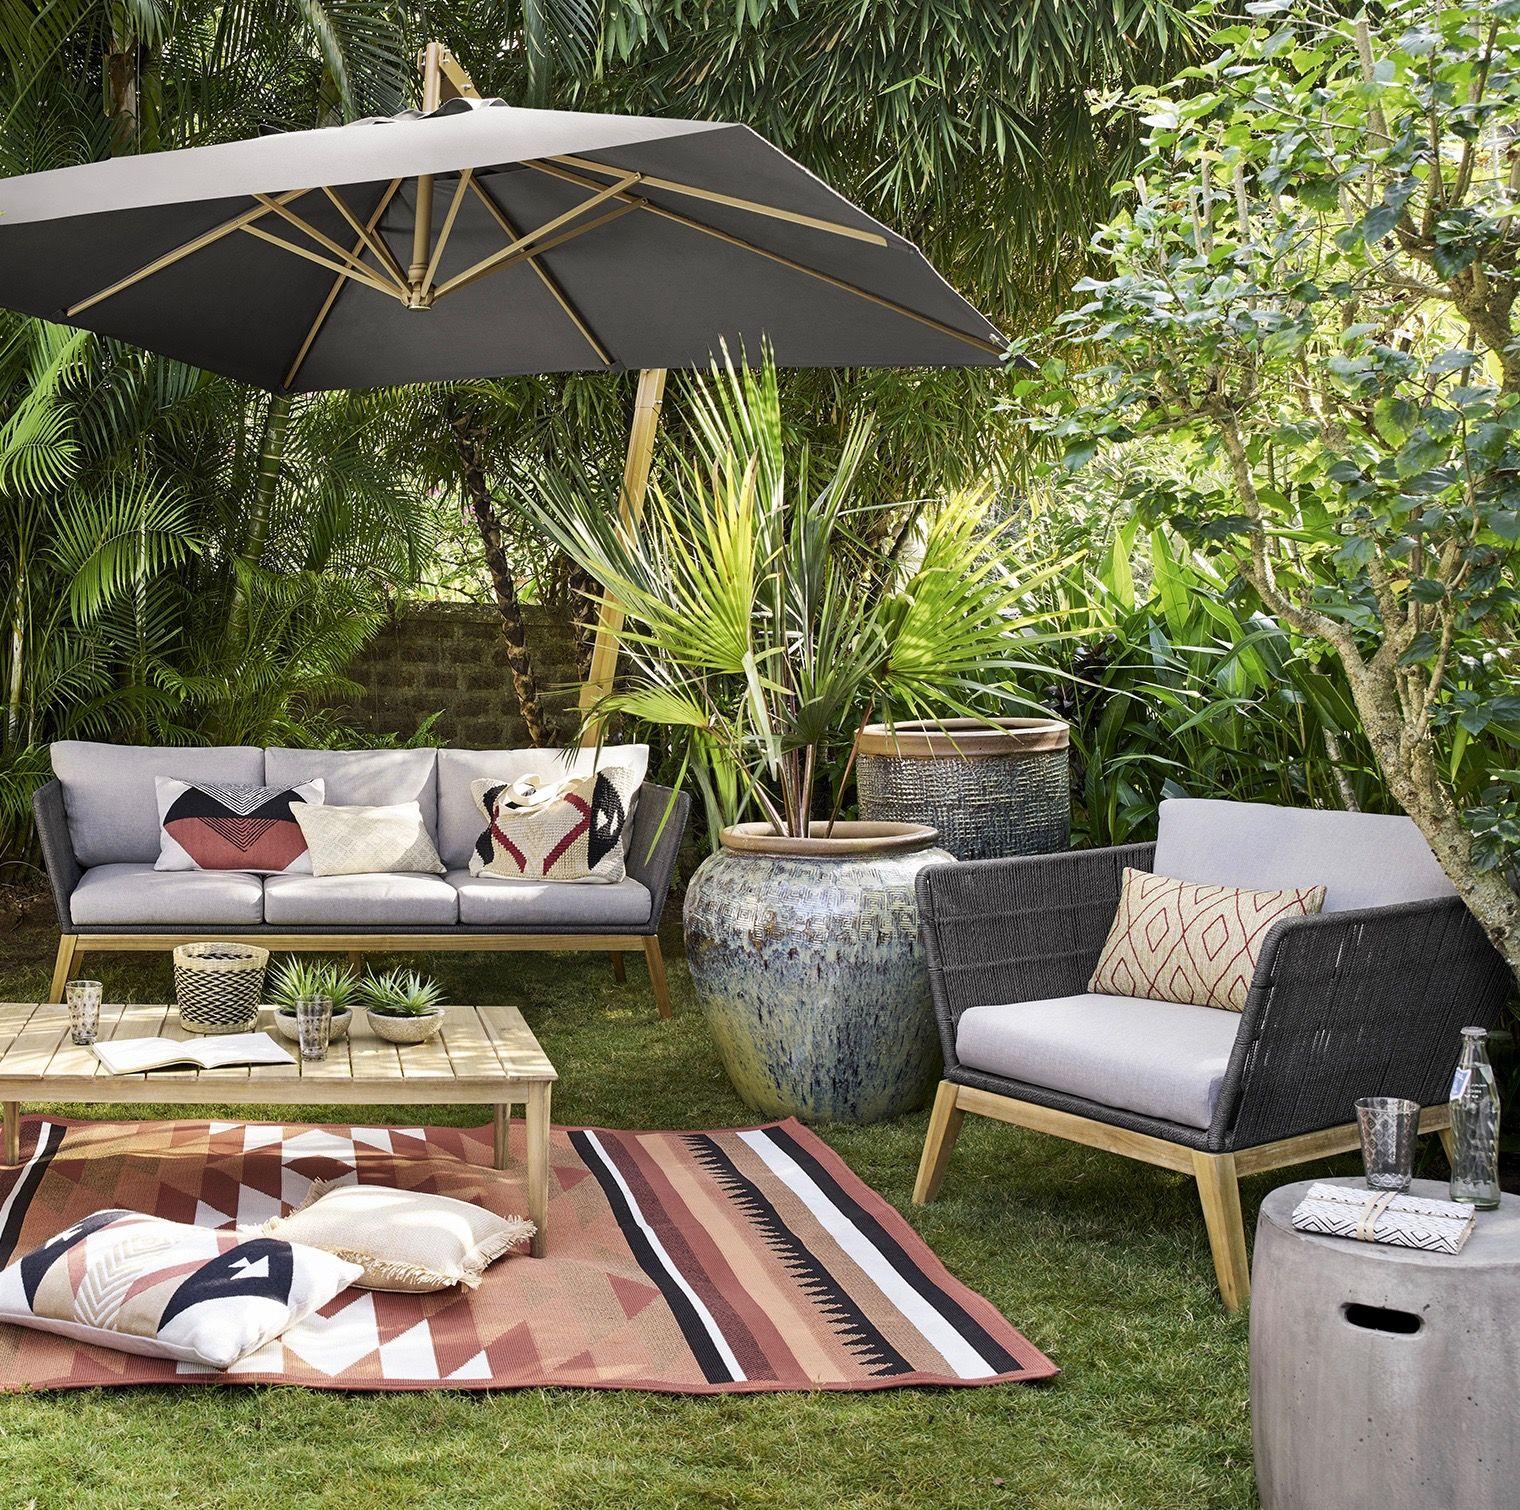 Salon De Jardin Style Bohème Ethnique Chic #boho #decoboho ... dedans Salon De Jardin Vert Anis